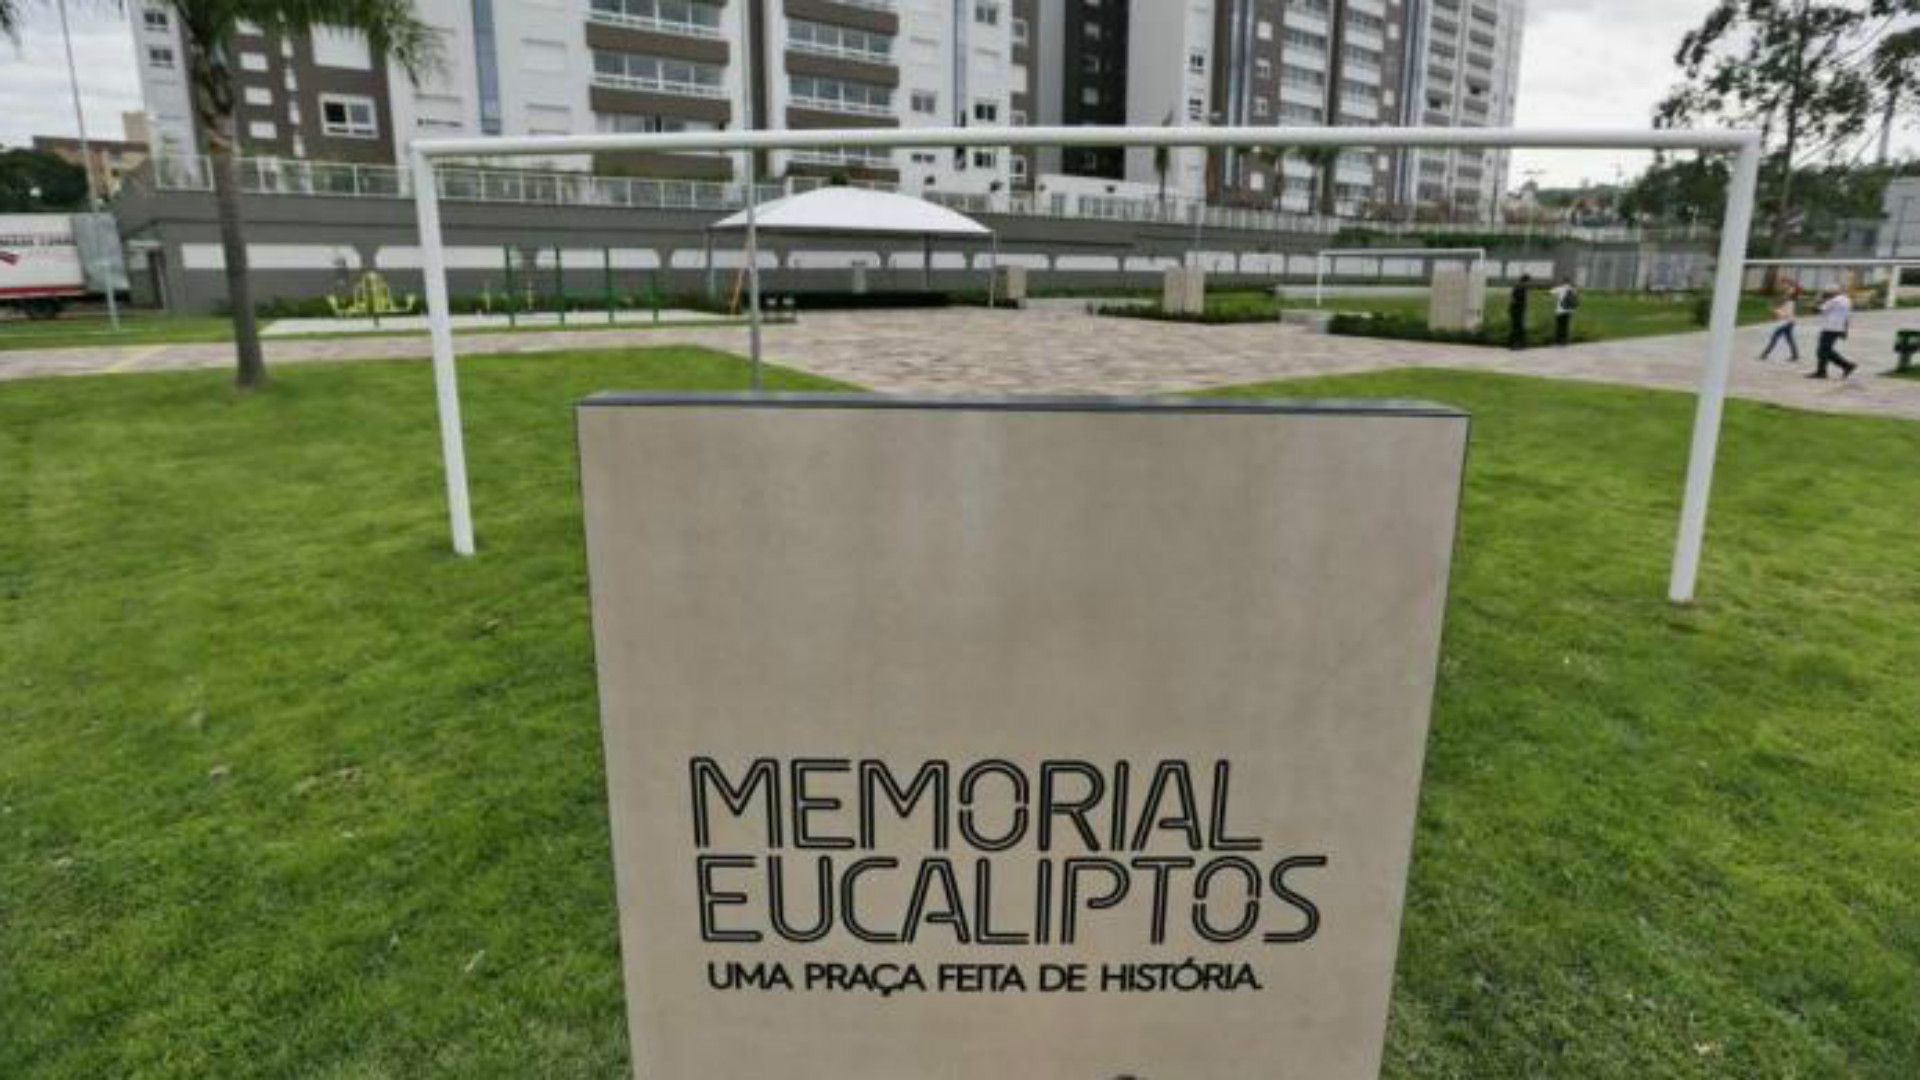 Estadio Dos Eucaliptos Memoria